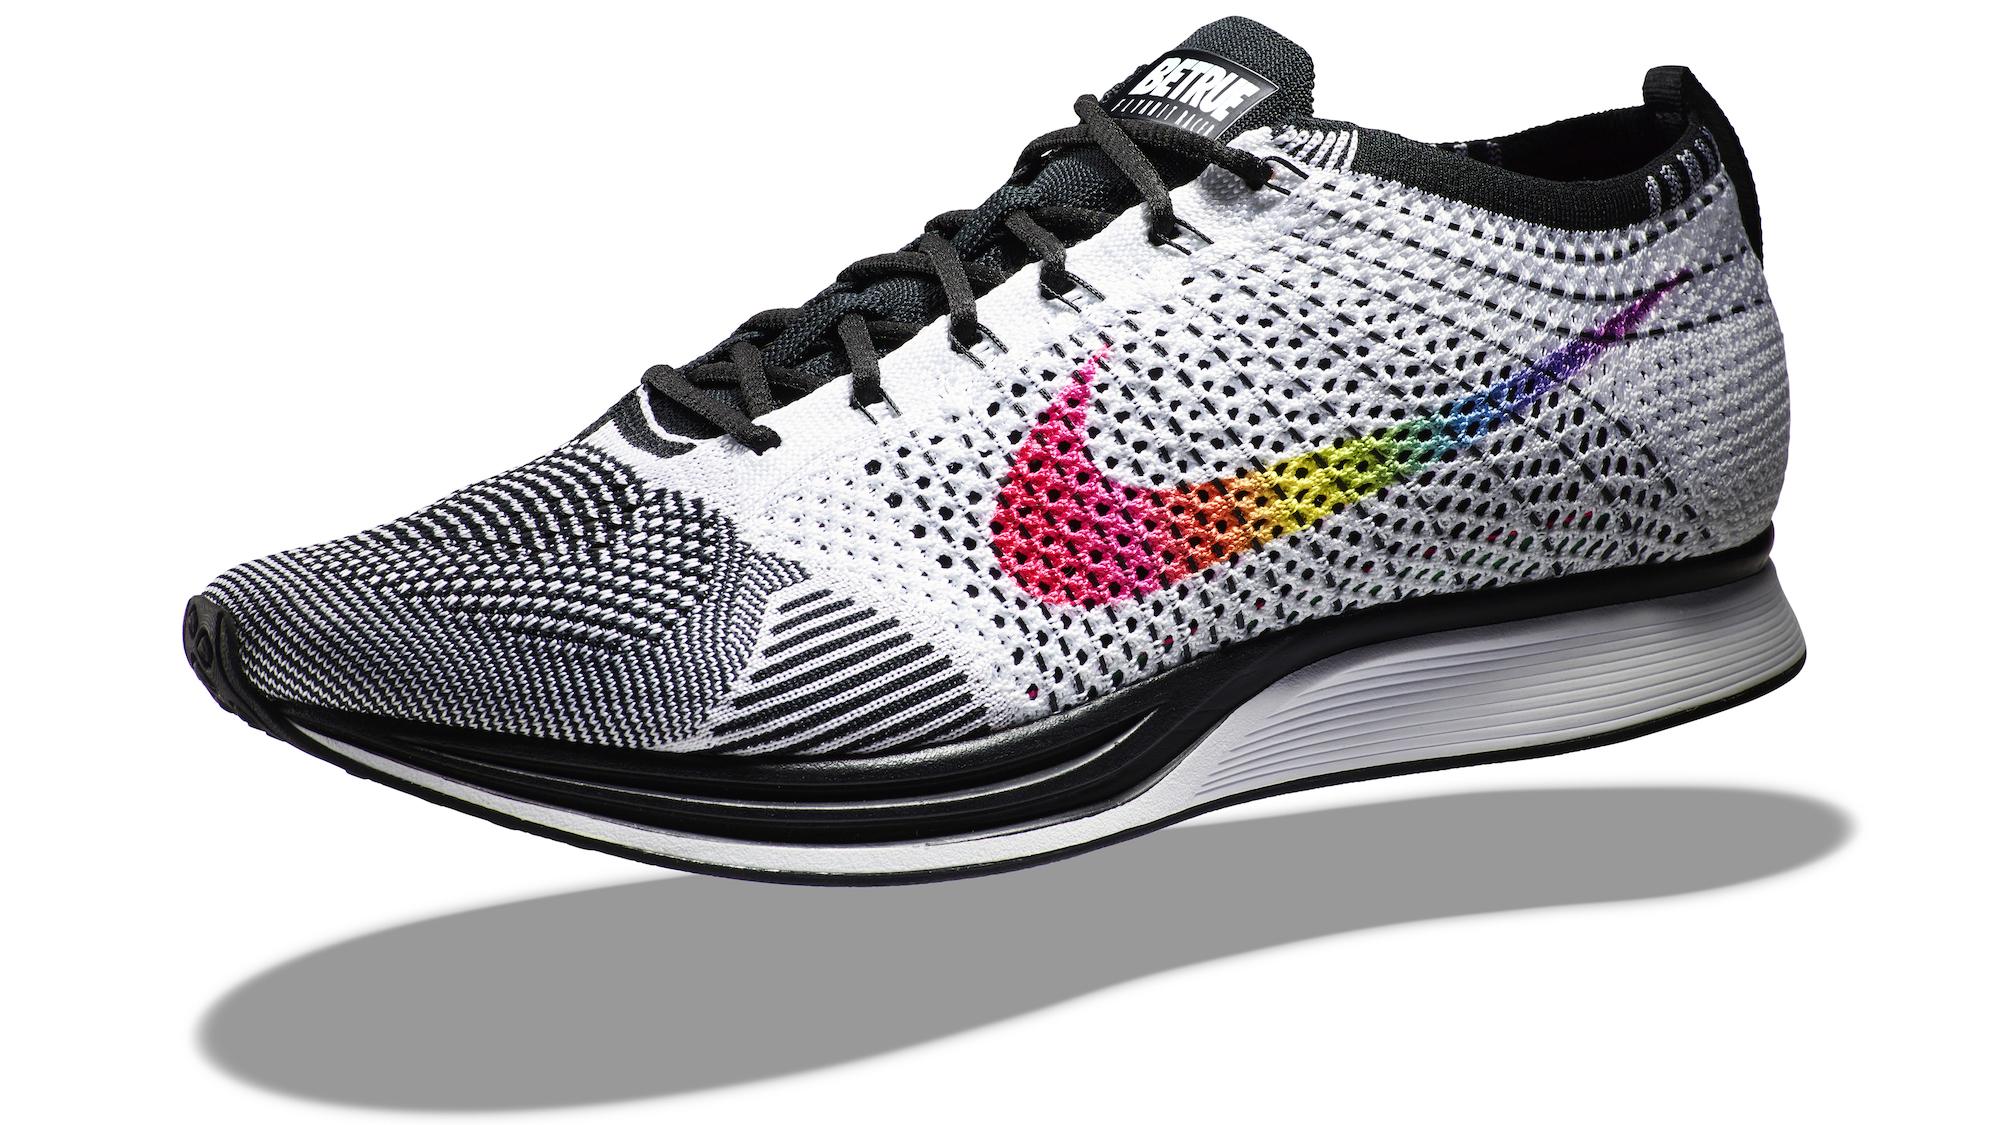 431a5d88275d Nike Flyknit Racer BETRUE 1 - WearTesters